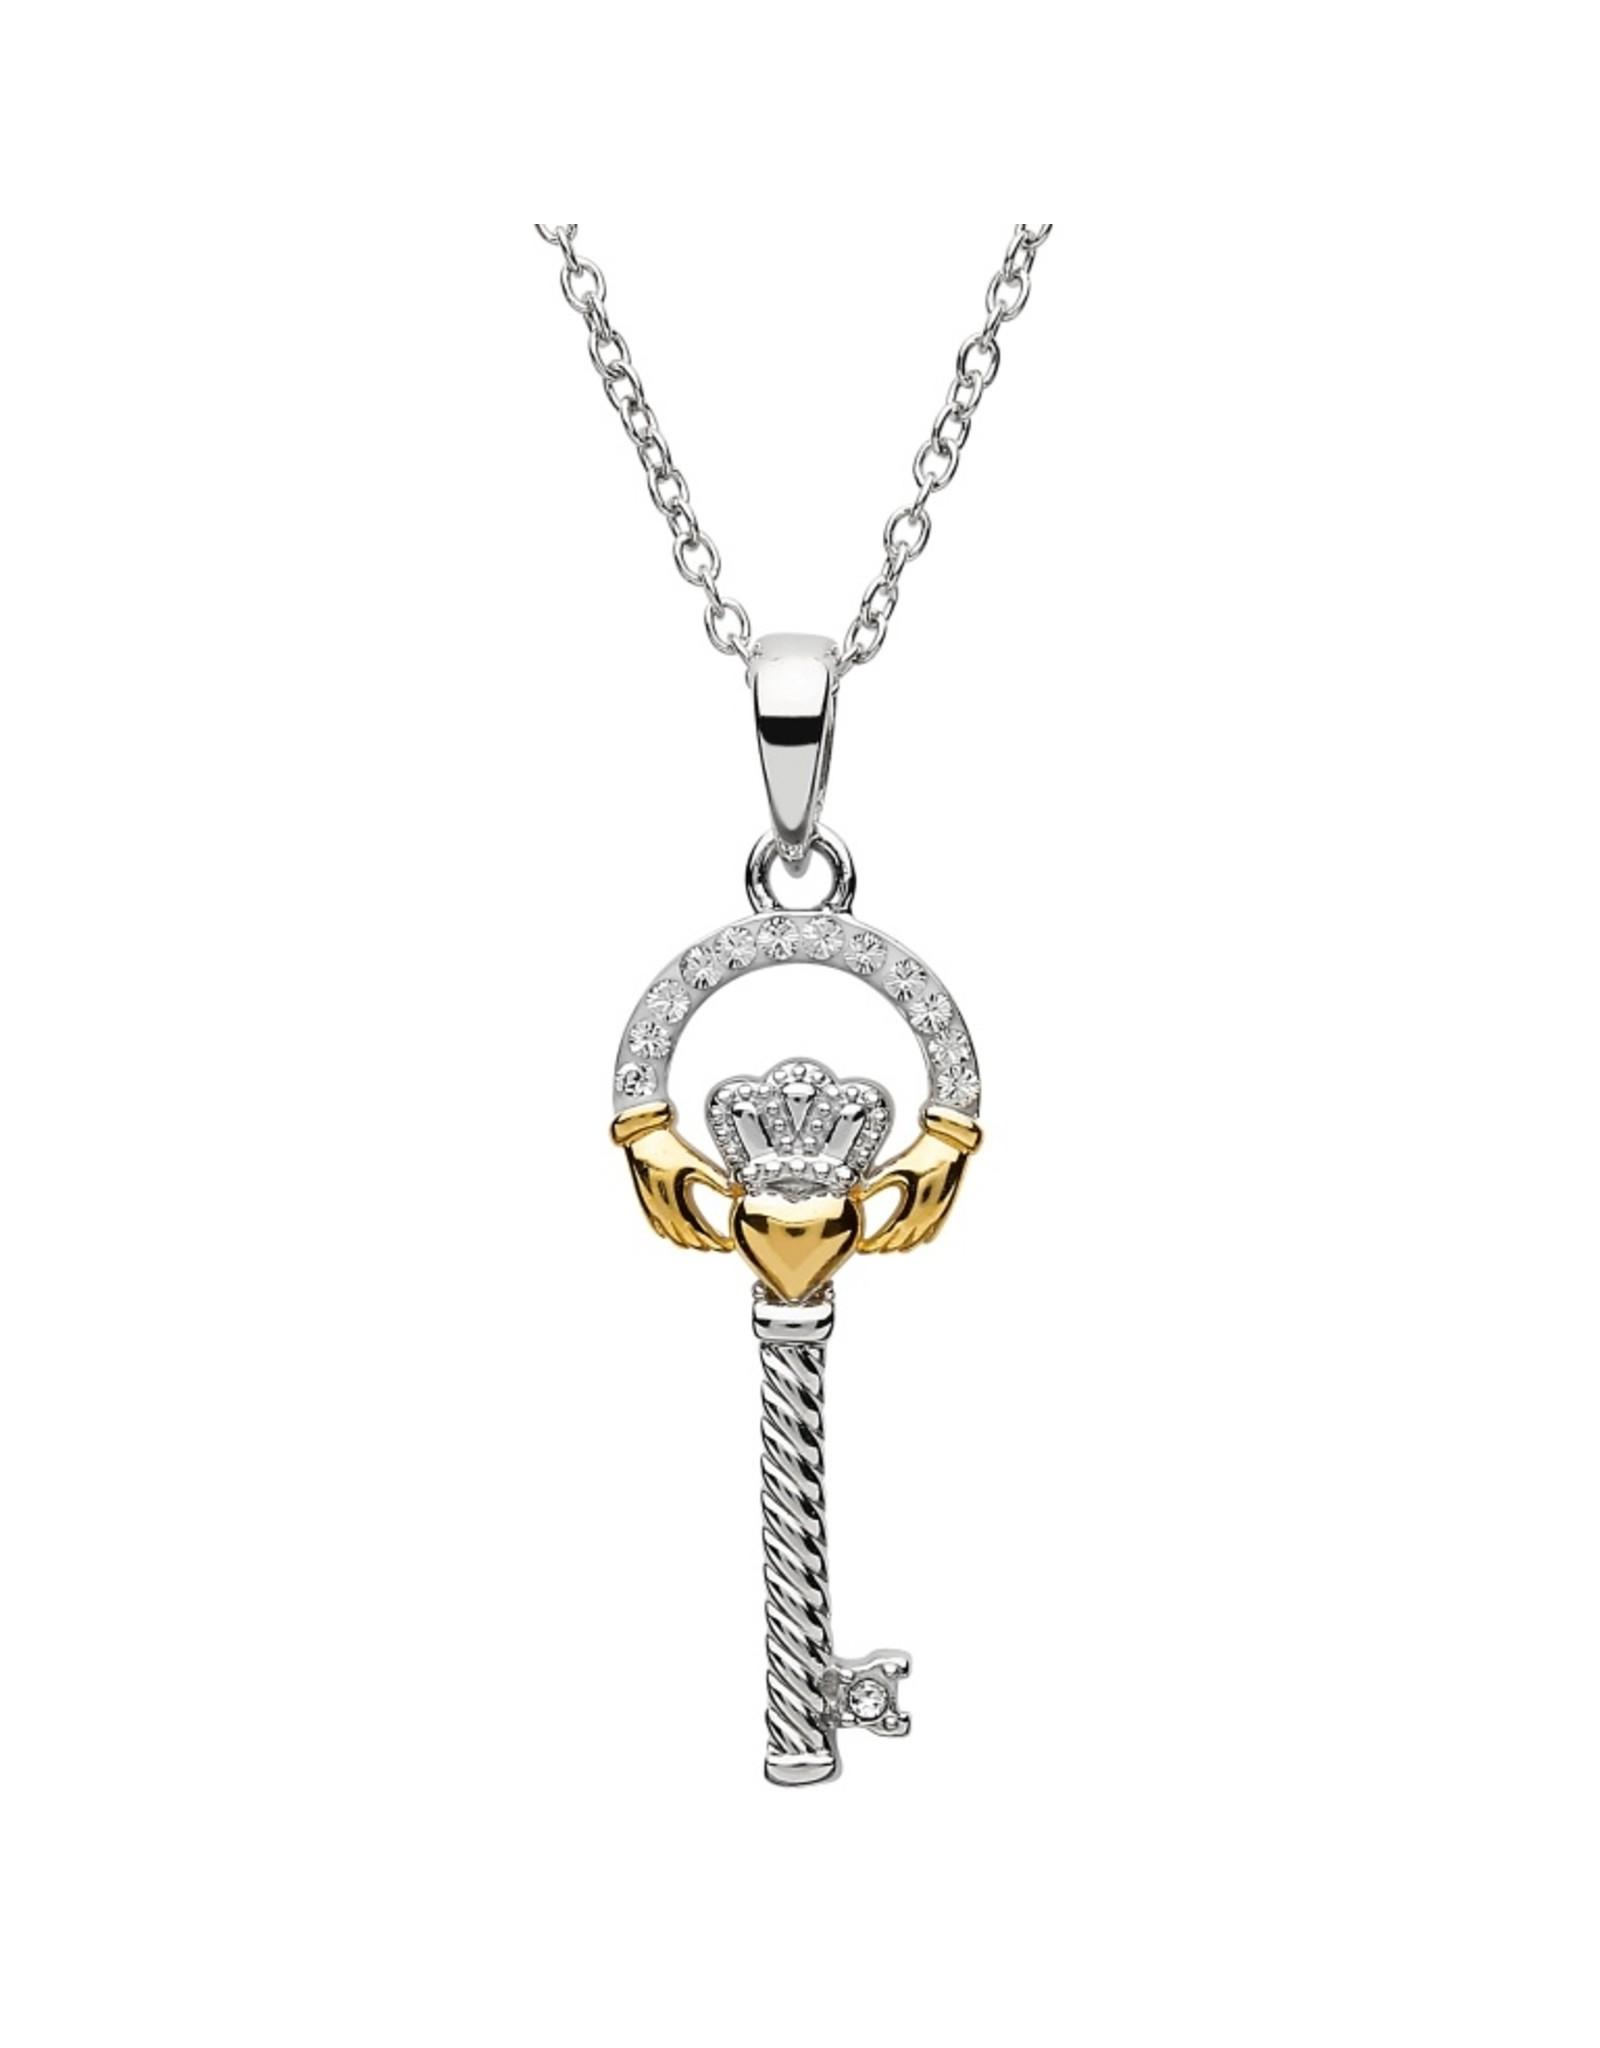 Shanore Two Tone Claddagh Key Necklace w/ Swarovski